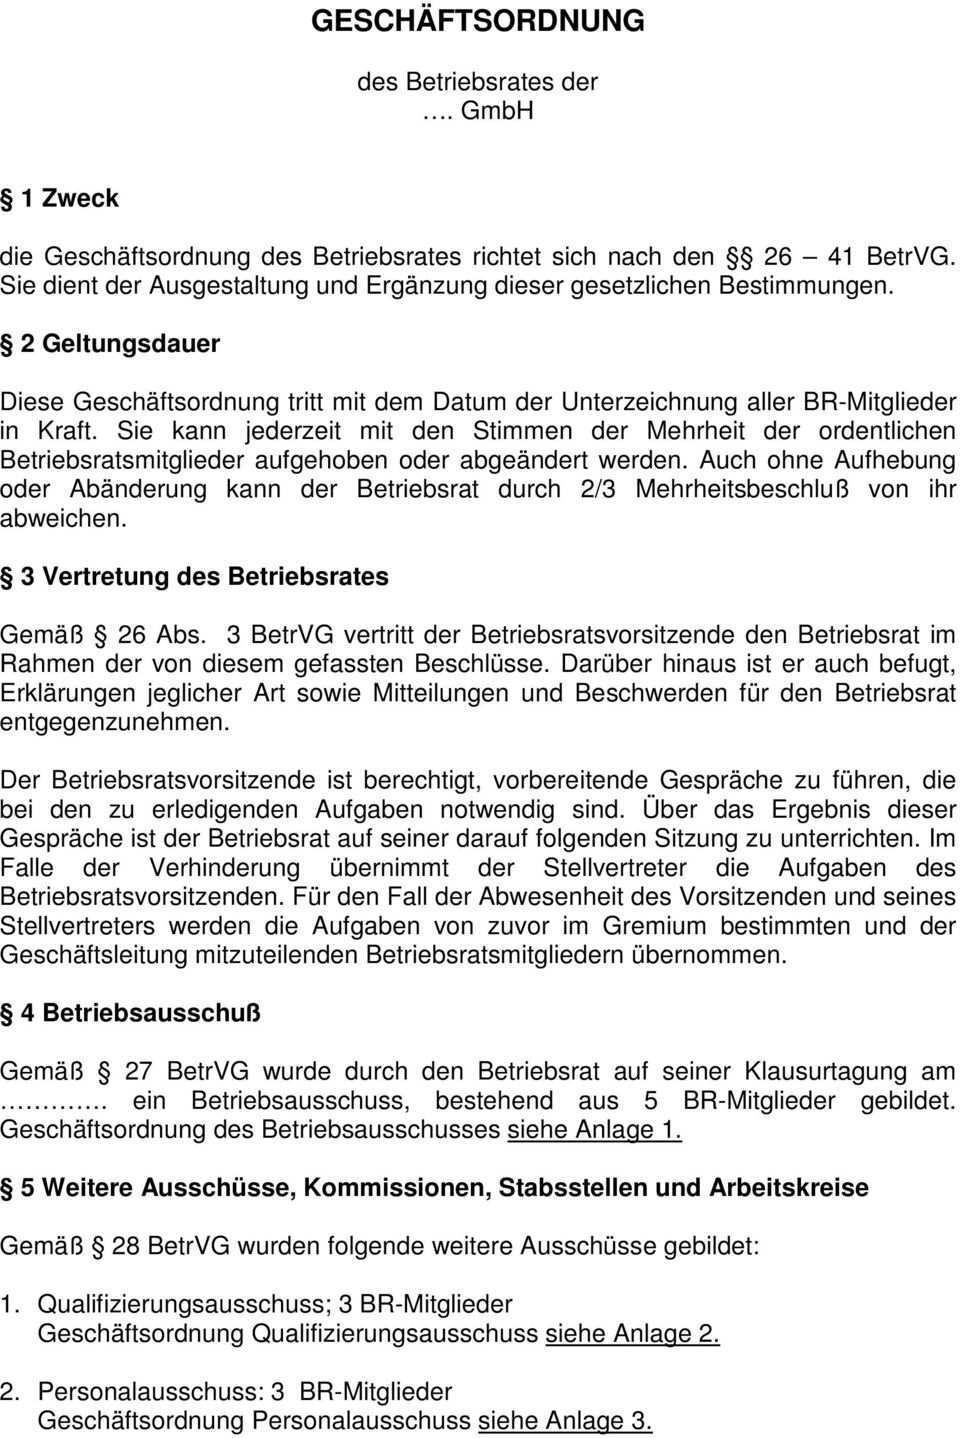 Geschaftsordnung Des Betriebsrates Der Gmbh Pdf Kostenfreier Download